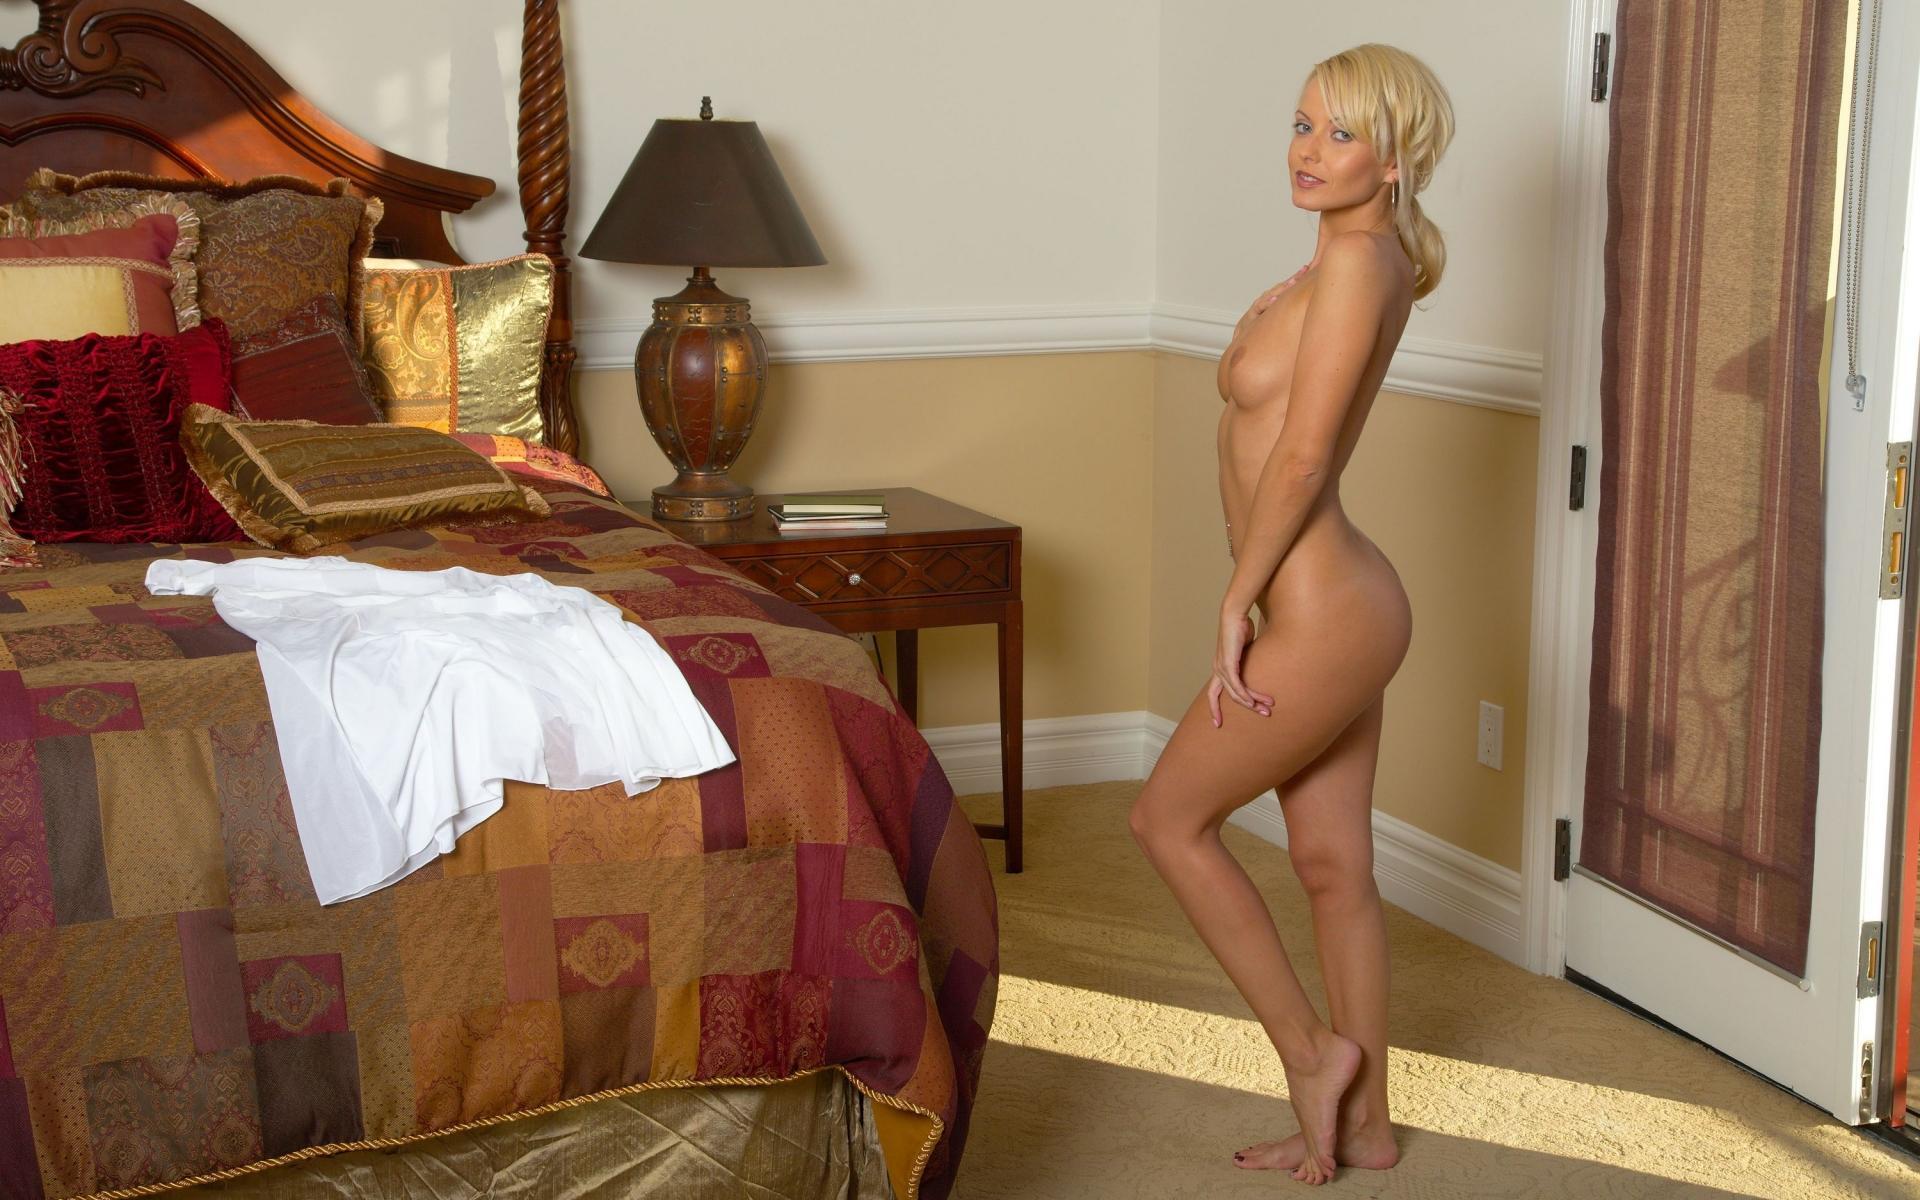 Фото красивых девушек голышок 18 смотреть 4 фотография